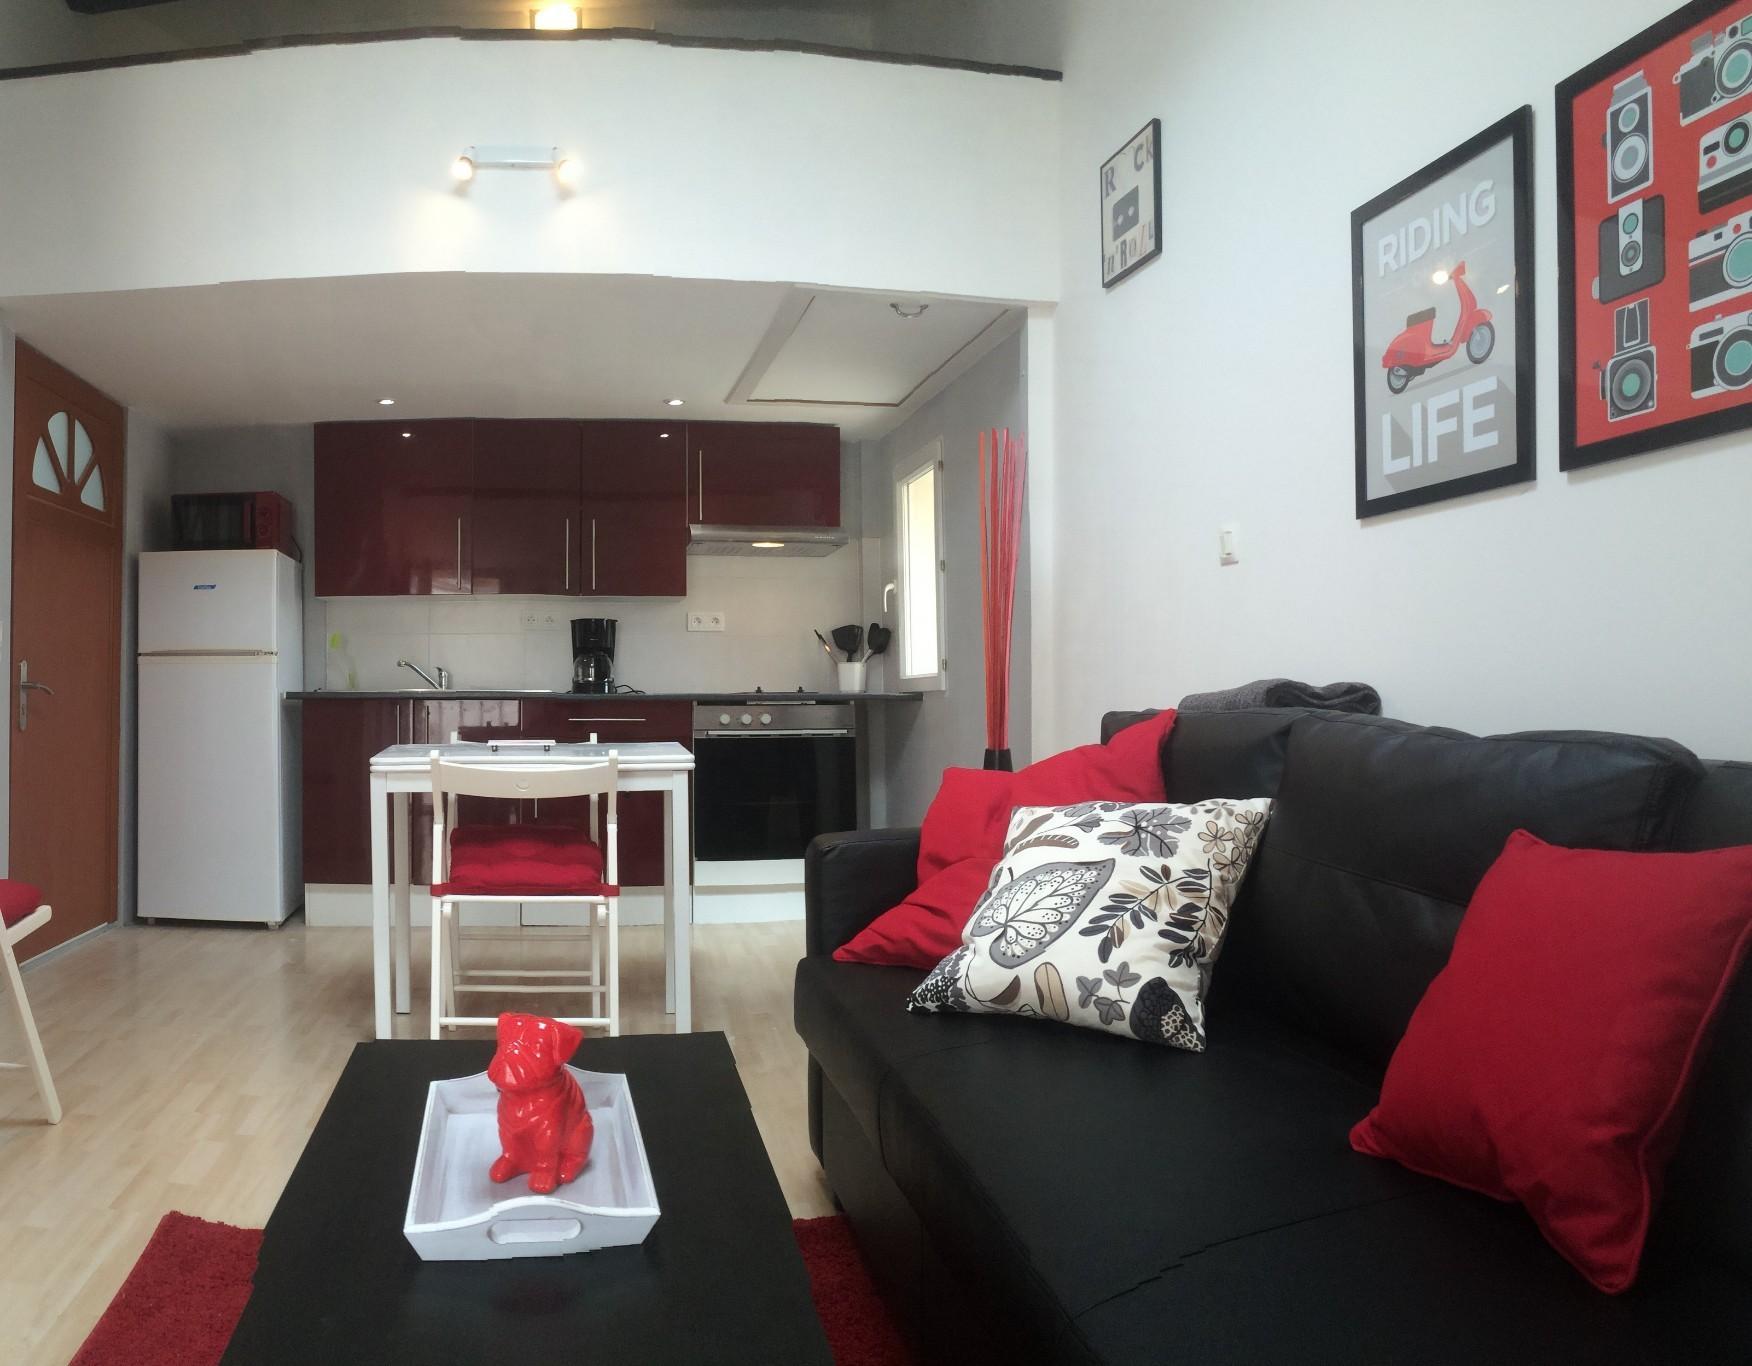 narbonne vente appartement 2 pi ces 36m2 88 000 r f 01 2621 bellissimmo. Black Bedroom Furniture Sets. Home Design Ideas